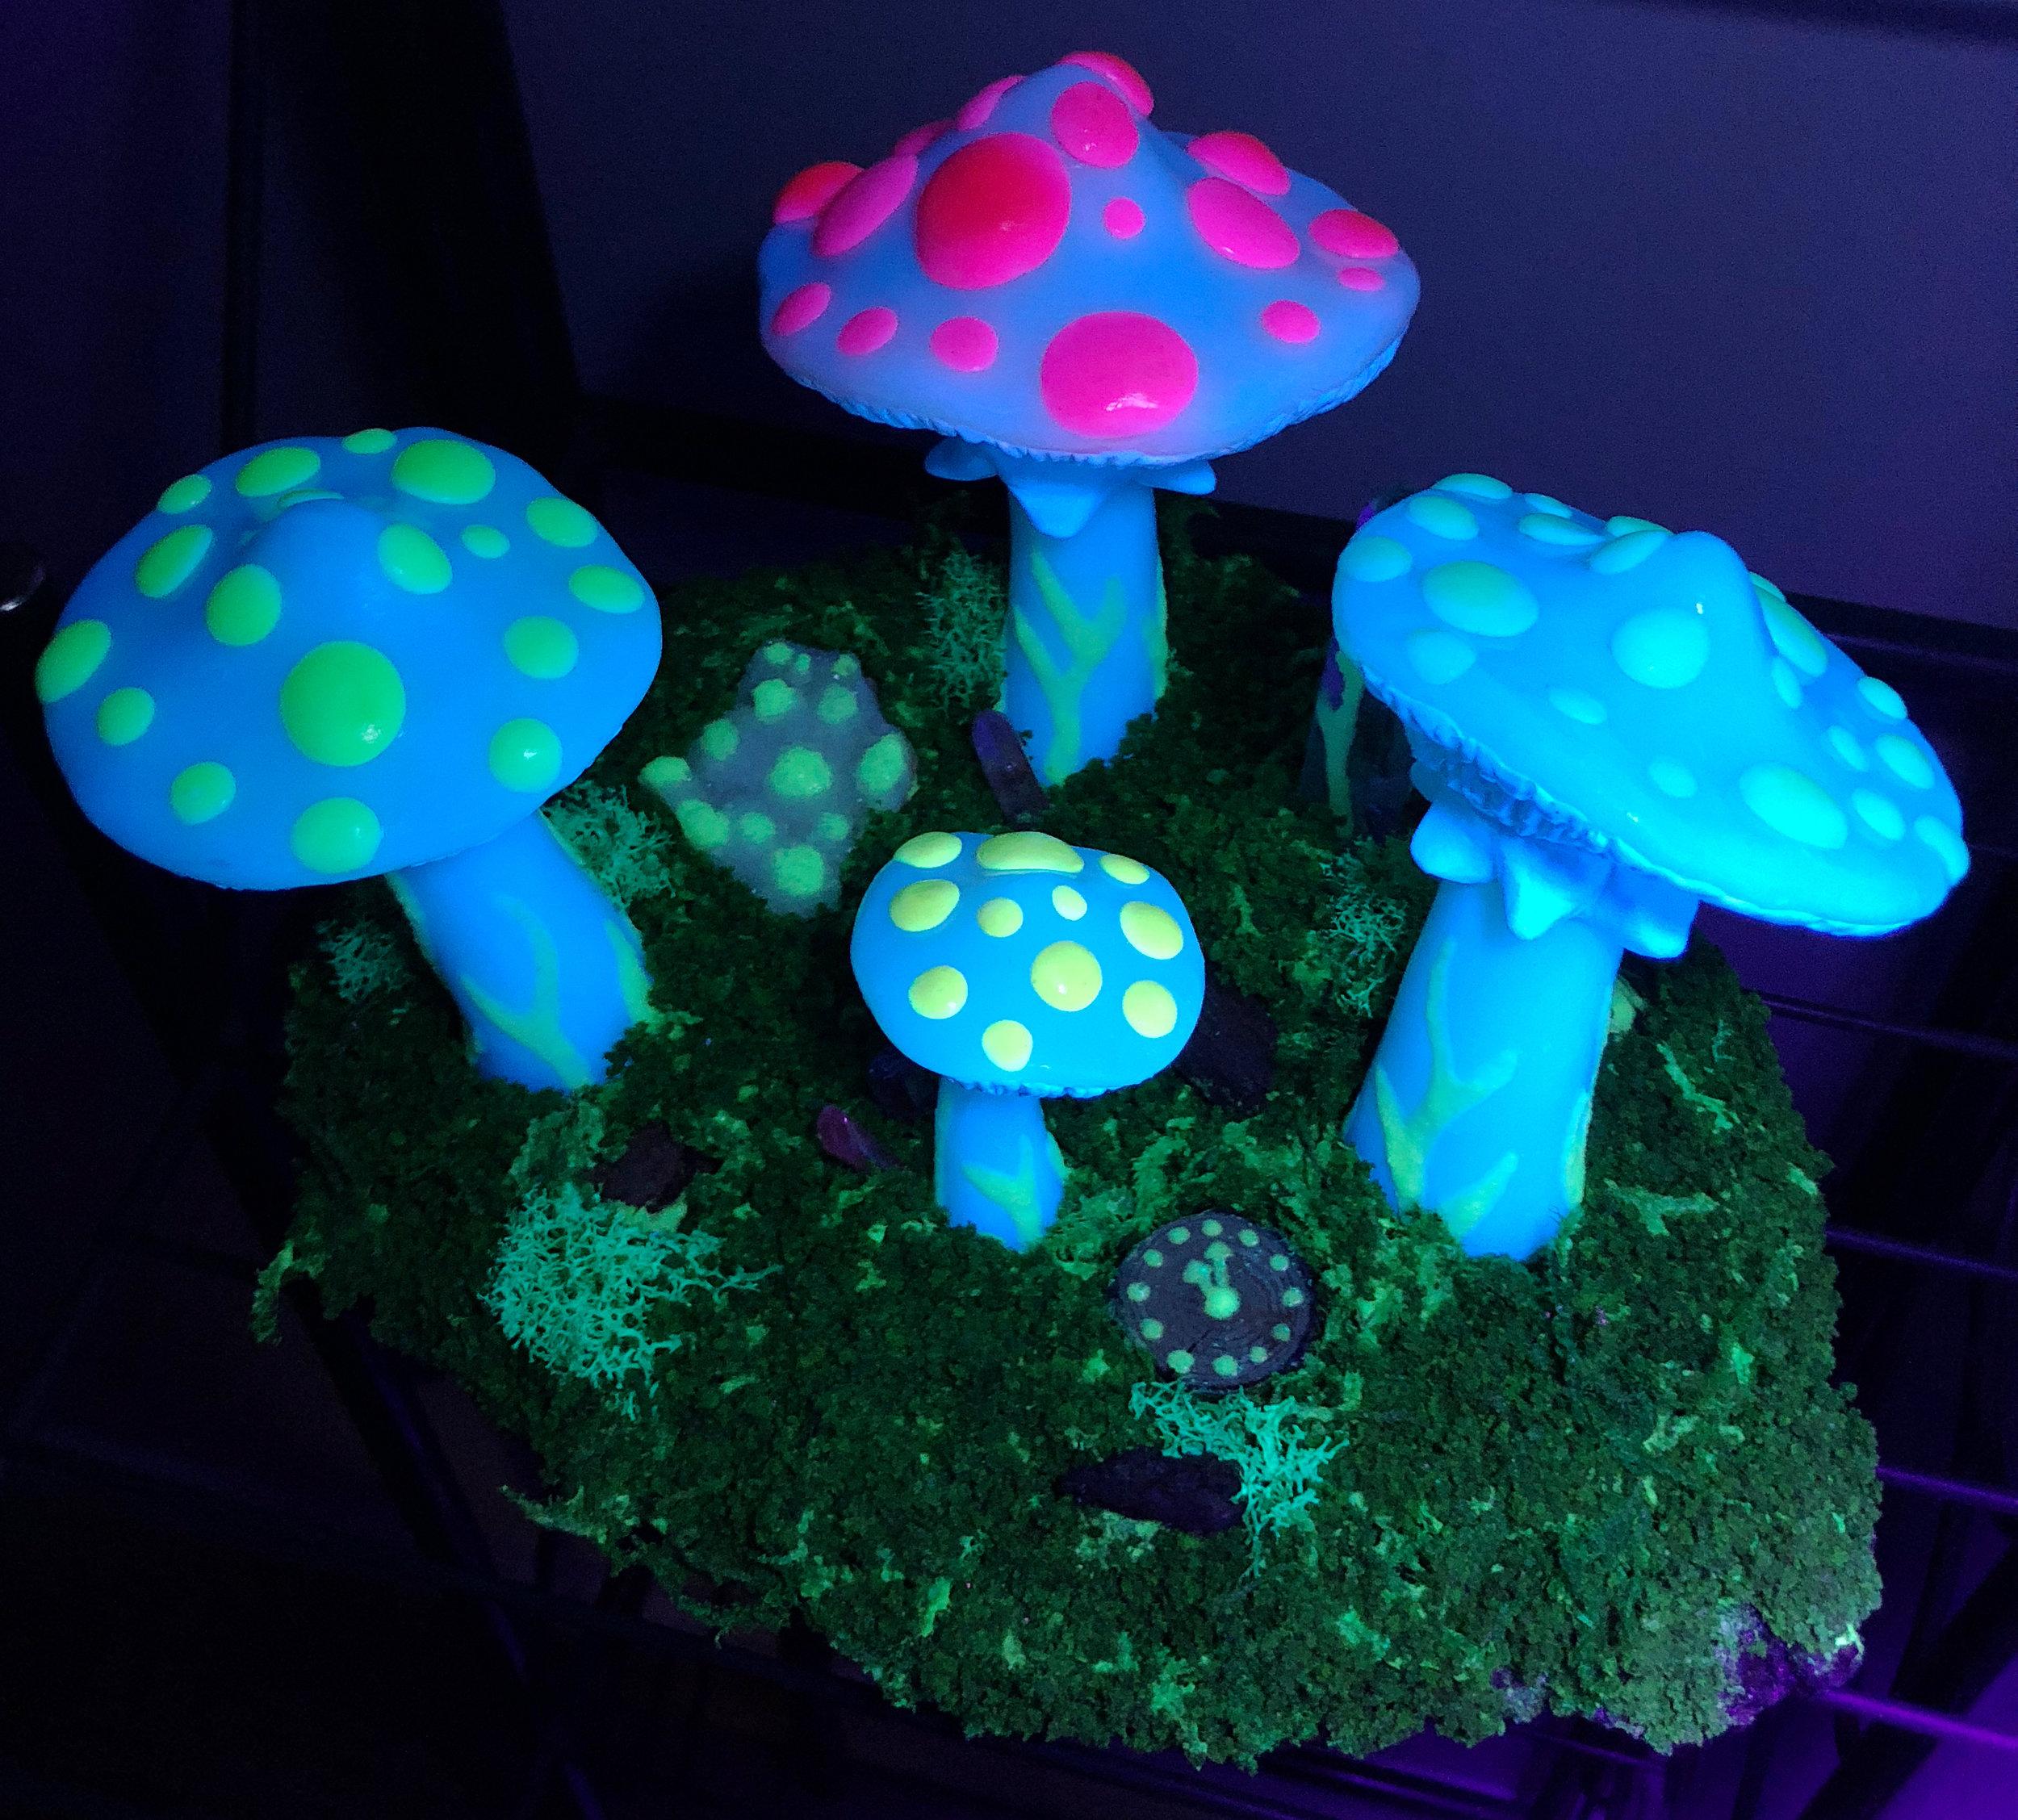 Mushroom Kingdom (Blacklight) - JD Shanley.jpg